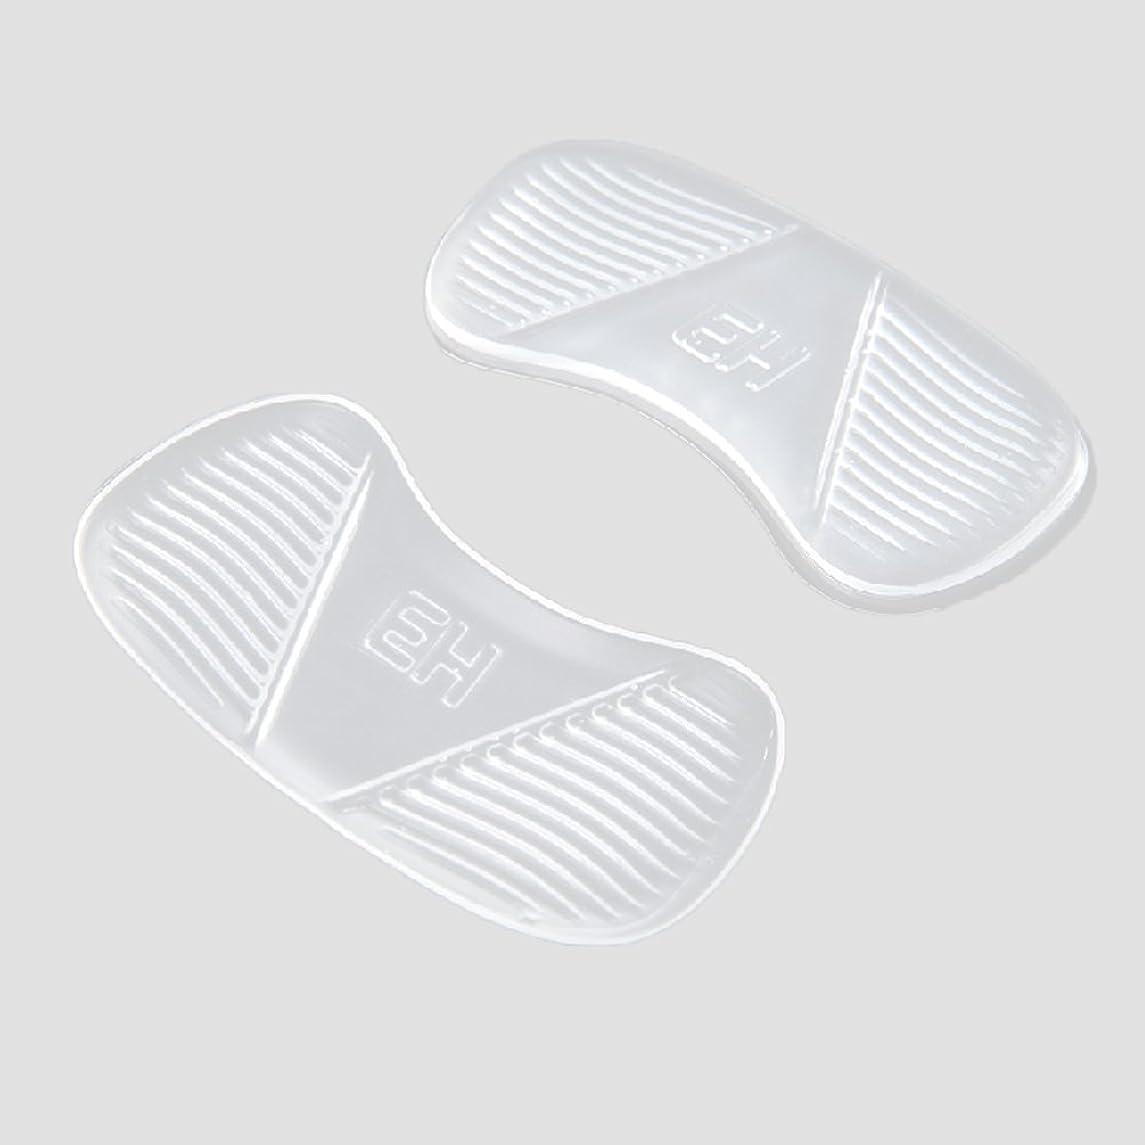 またね周り世界記録のギネスブックKonmed ヒールバック枕 靴用パッド